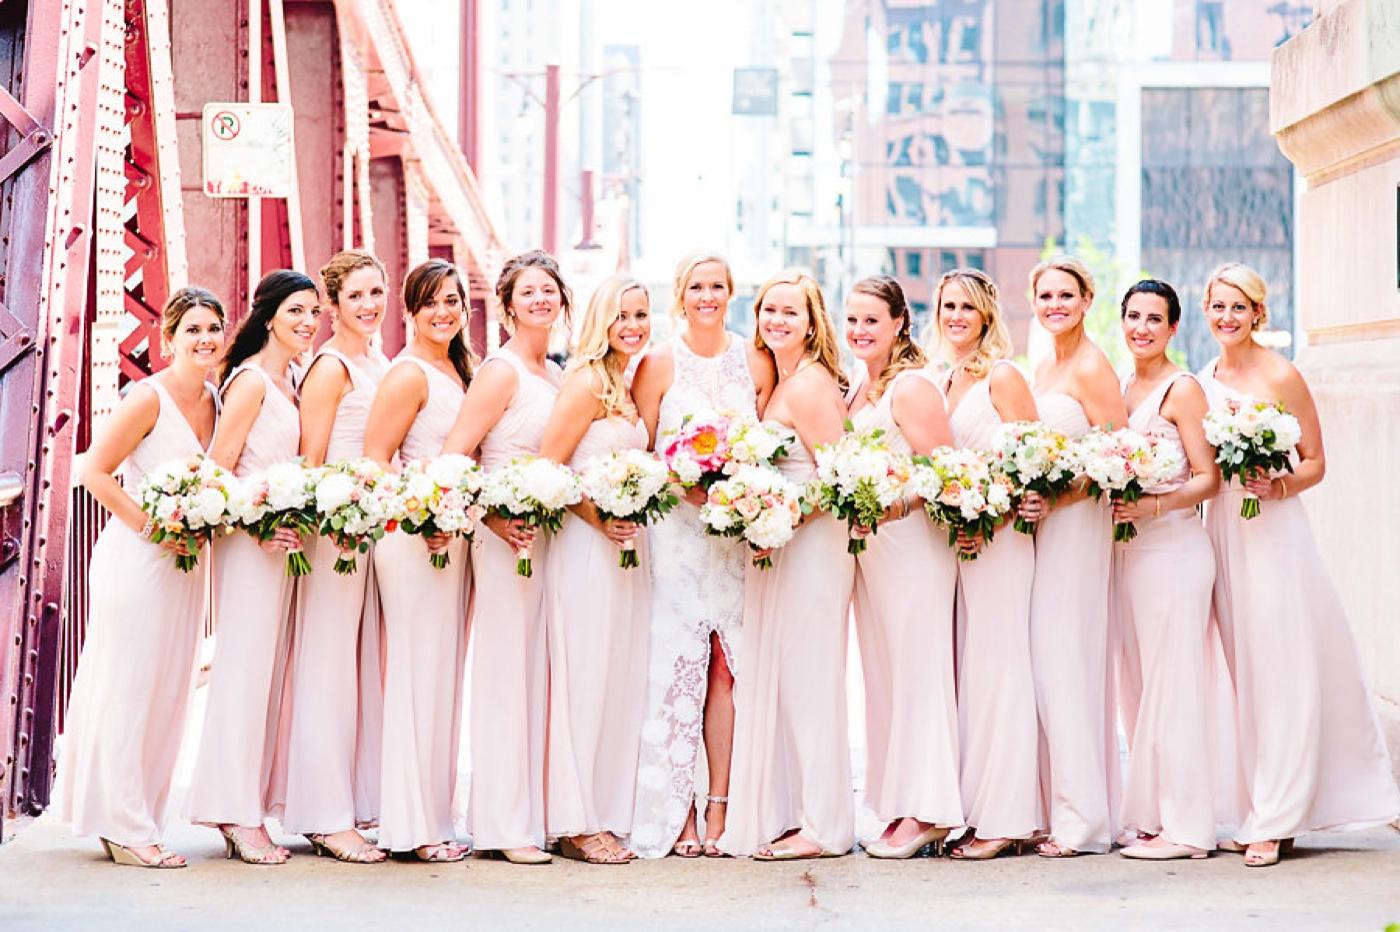 chicago-fine-art-wedding-photography-hrebic18